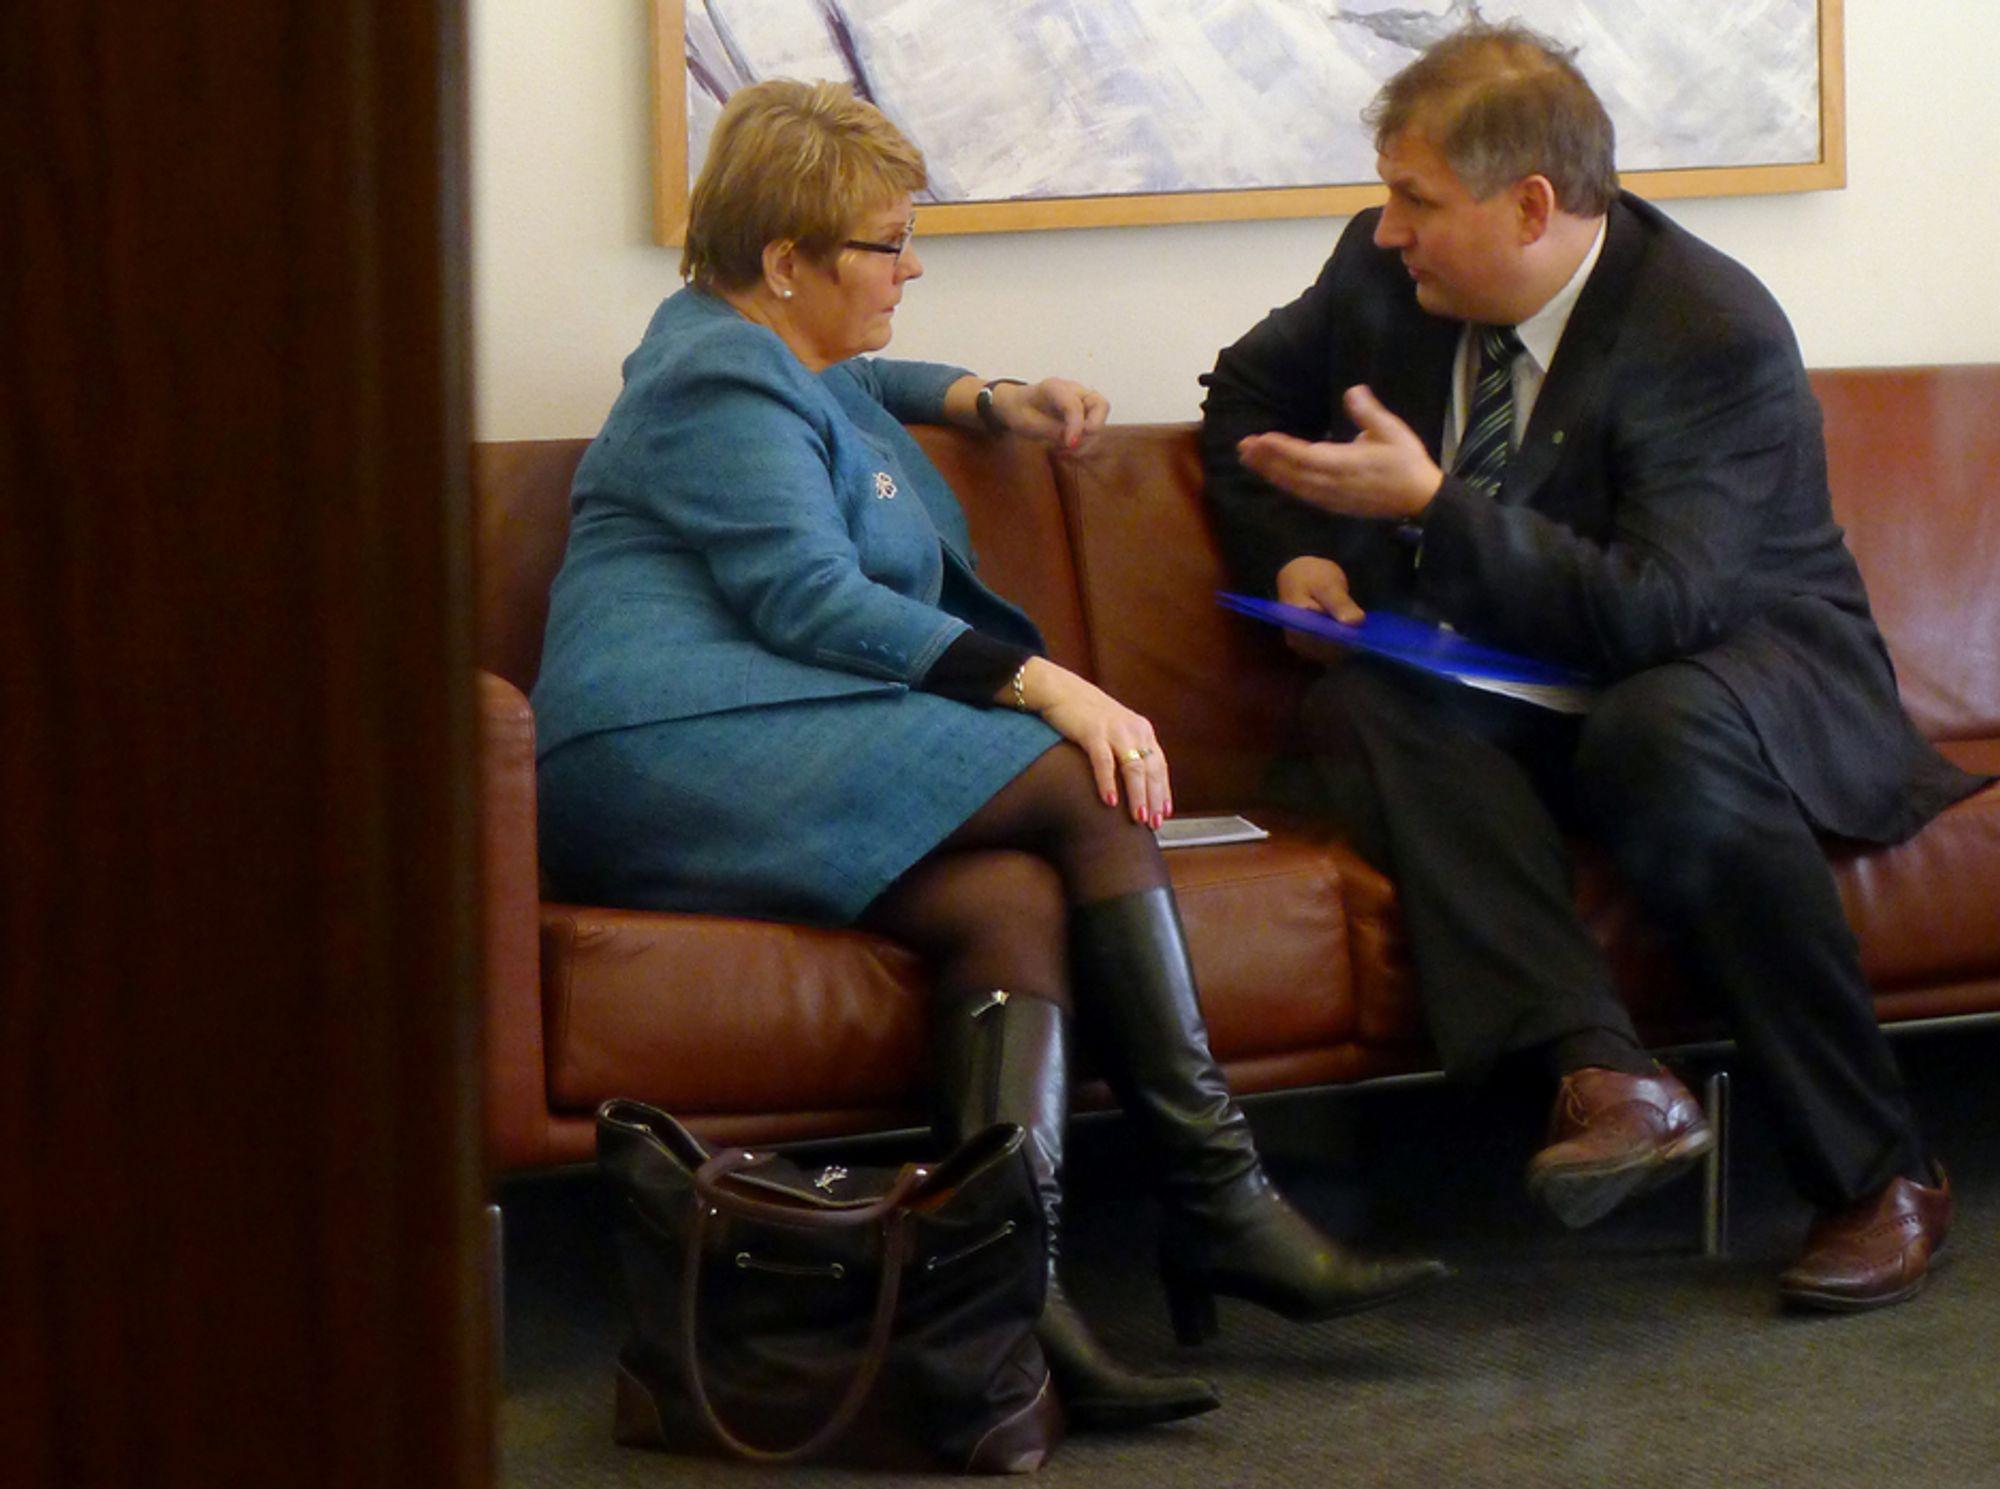 KOMPLISERT: - Det har vært en lang diskusjon. Det er komplisert å koble to lands systemer sammen, sier Terje Riis-Johansen. Her i samtale med Sveriges næringsminister Maud Olofsson i Stockholm i dag.